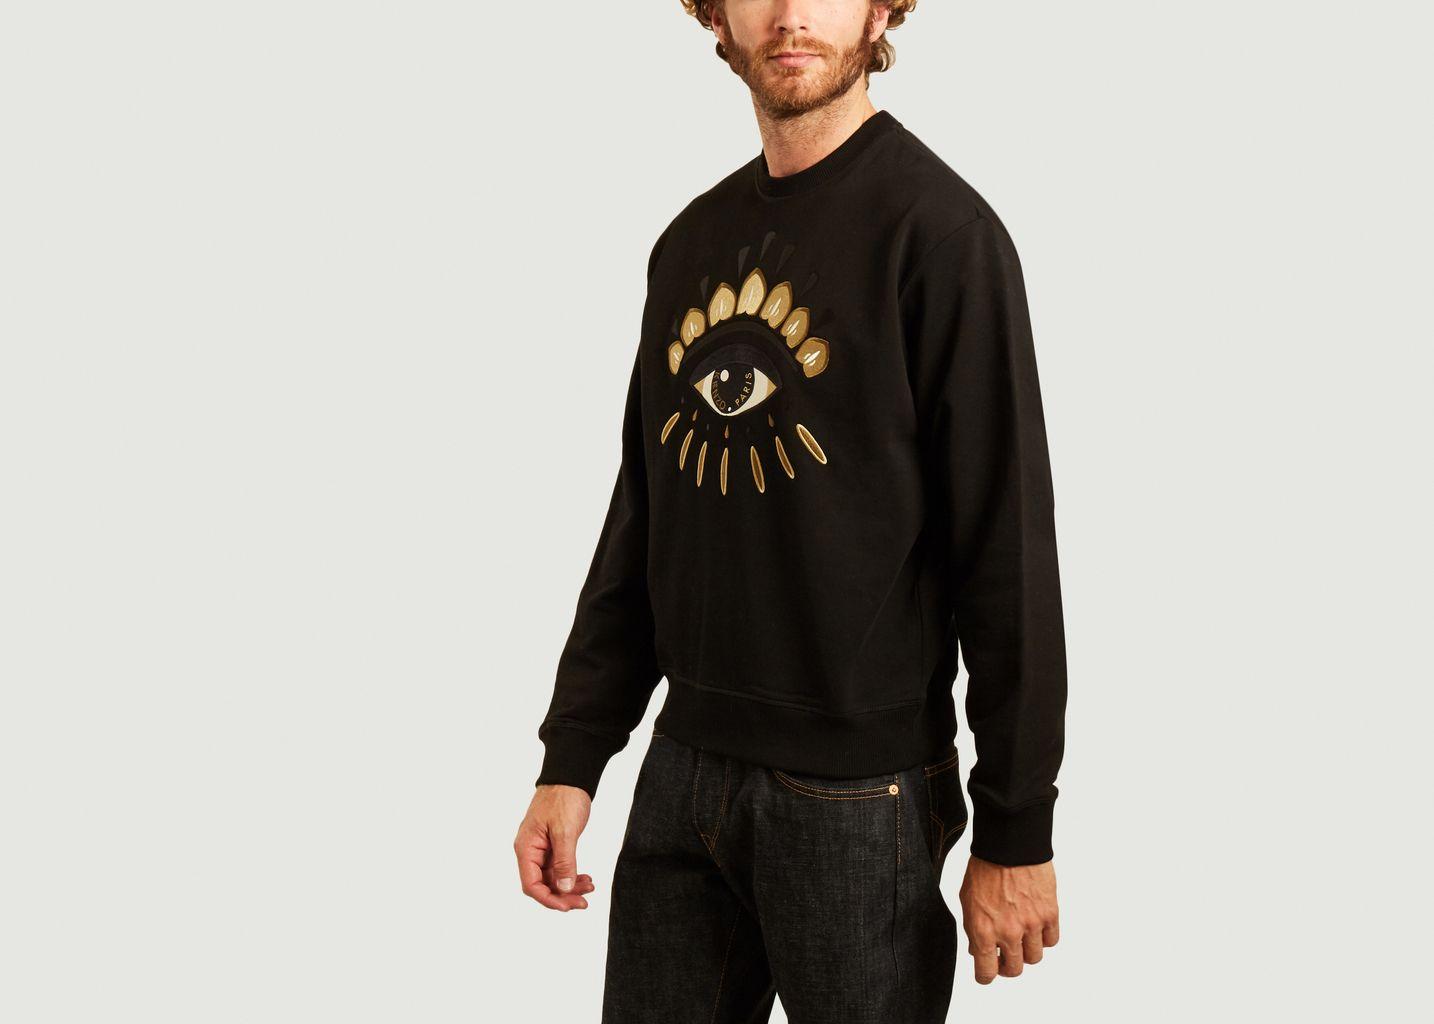 Sweatshirt brodé Eye Classic - Kenzo